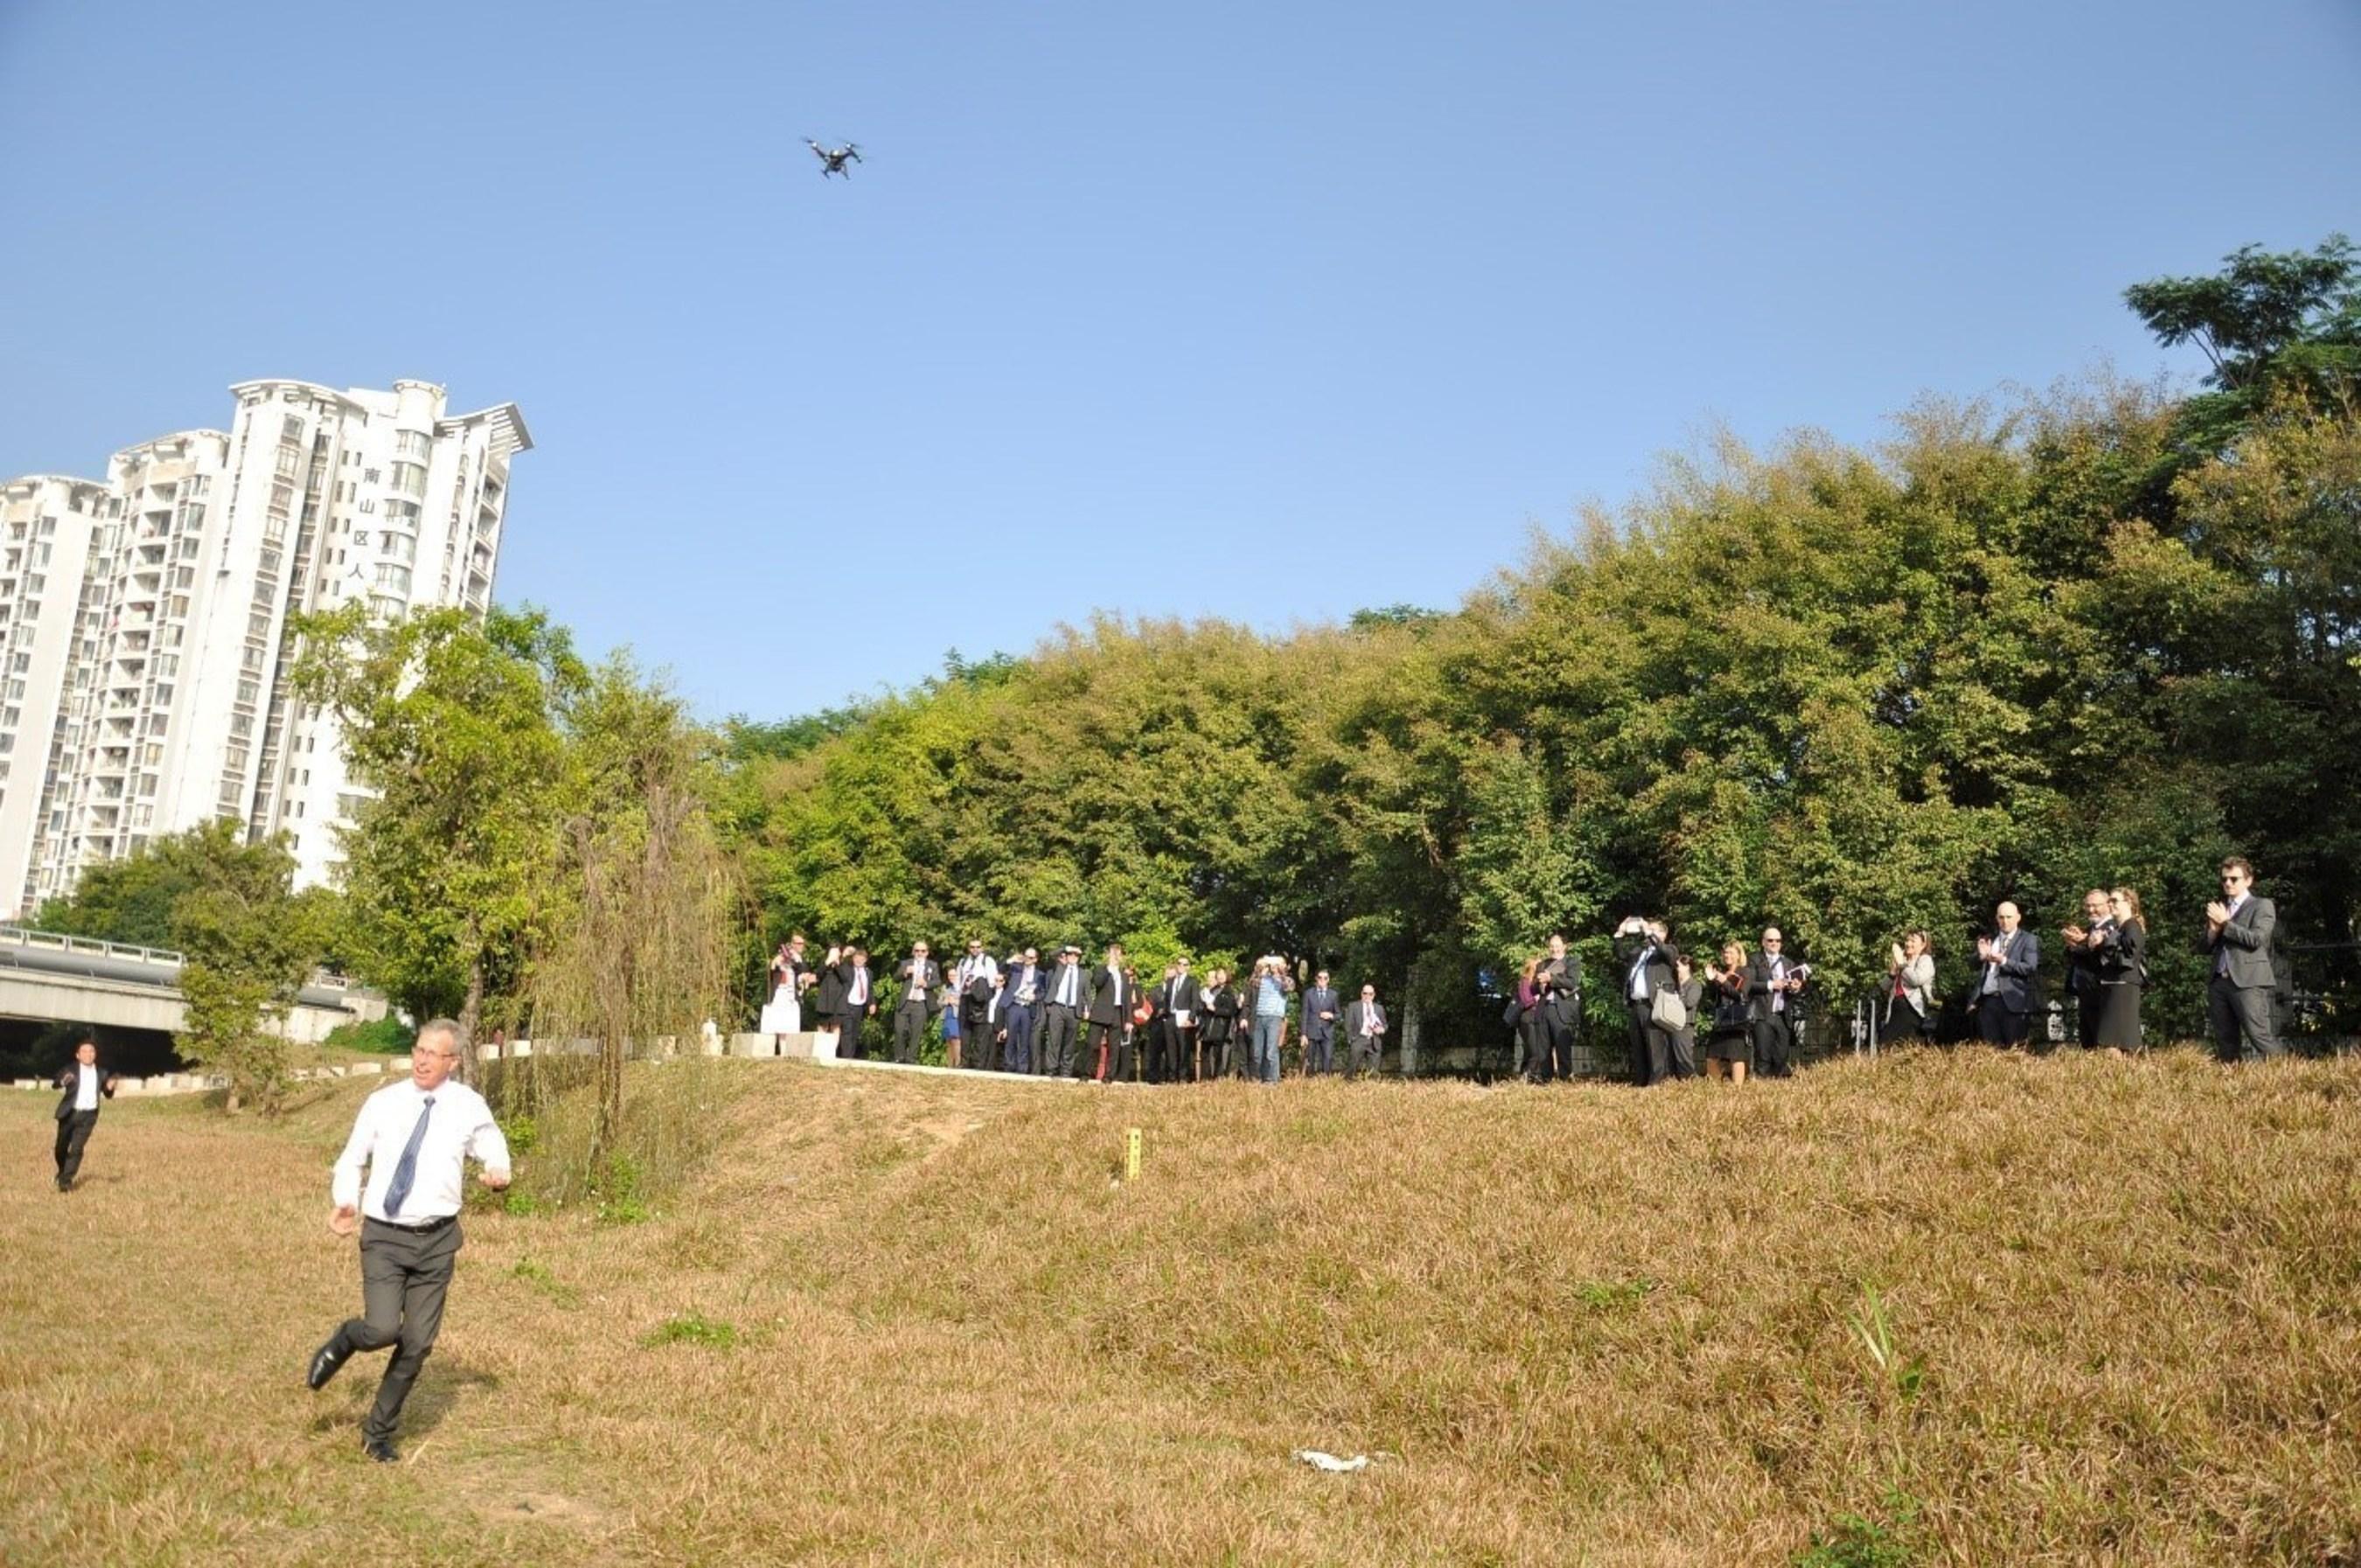 Delegation was flying XEagle UAV